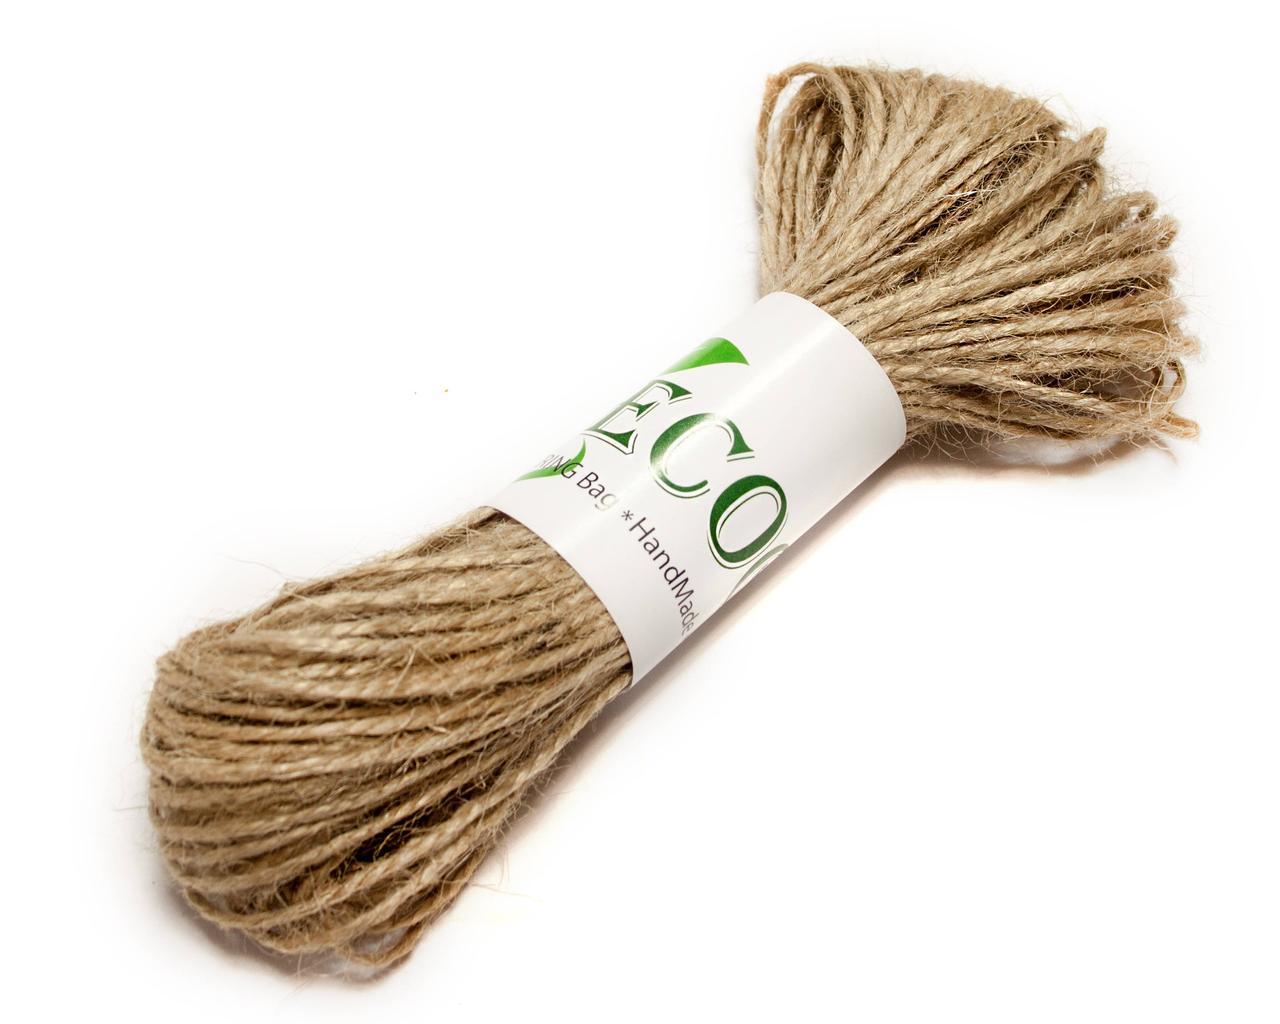 Джутовая веревка, Декоративный шнурок, натуральная нитка, верёвка для упаковки